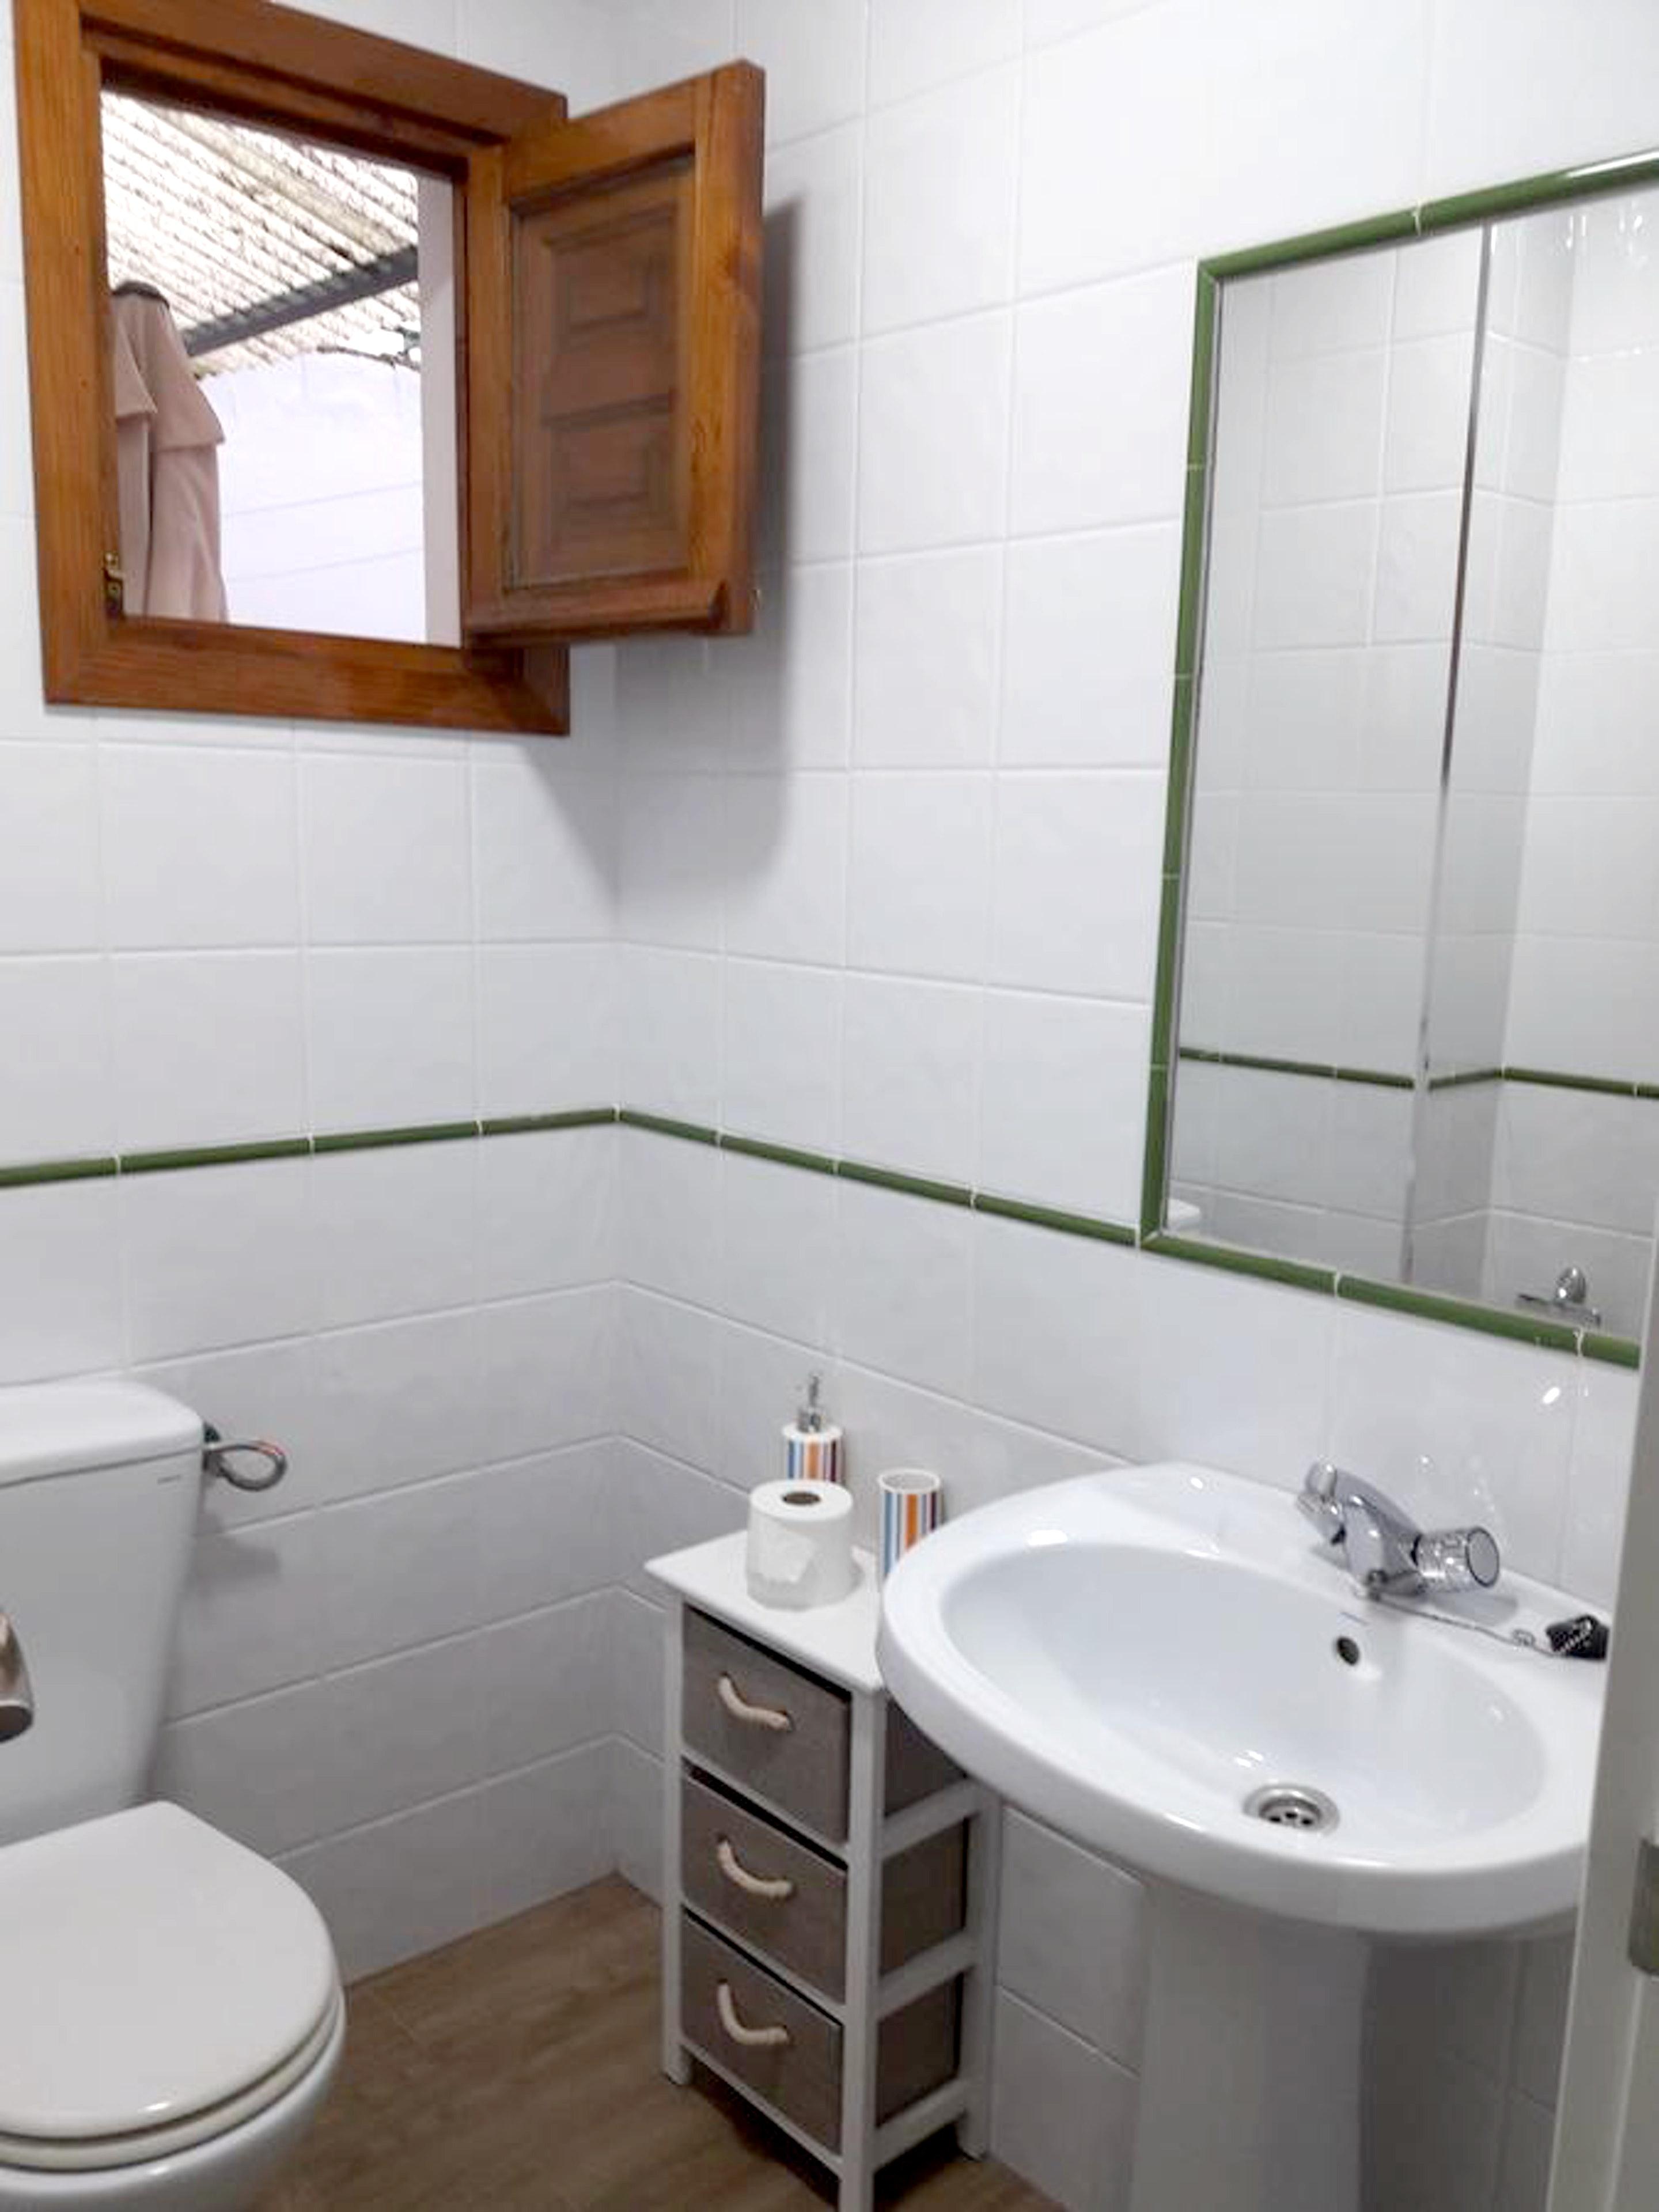 Ferienwohnung Wohnung mit 3 Schlafzimmern in Antequera mit möblierter Terrasse und W-LAN (2706842), Antequera, Malaga, Andalusien, Spanien, Bild 17